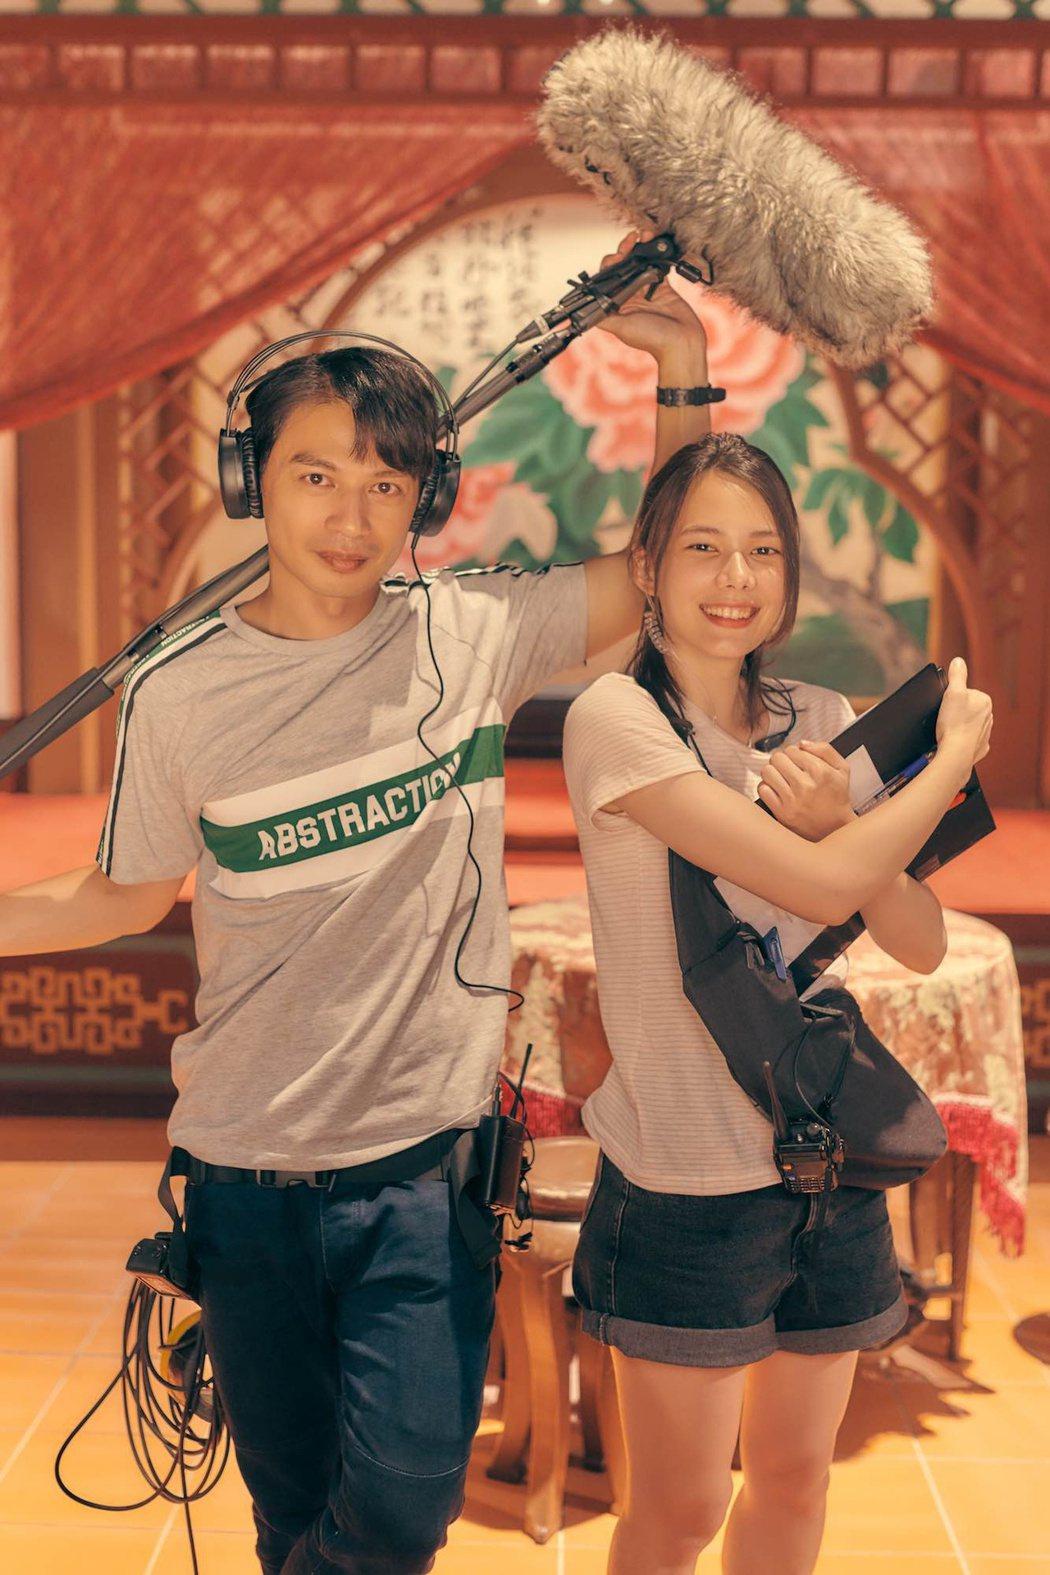 阿KEN、紀培慧主演電影「練愛iNG」於13日正式上映。圖/藝起娛樂提供